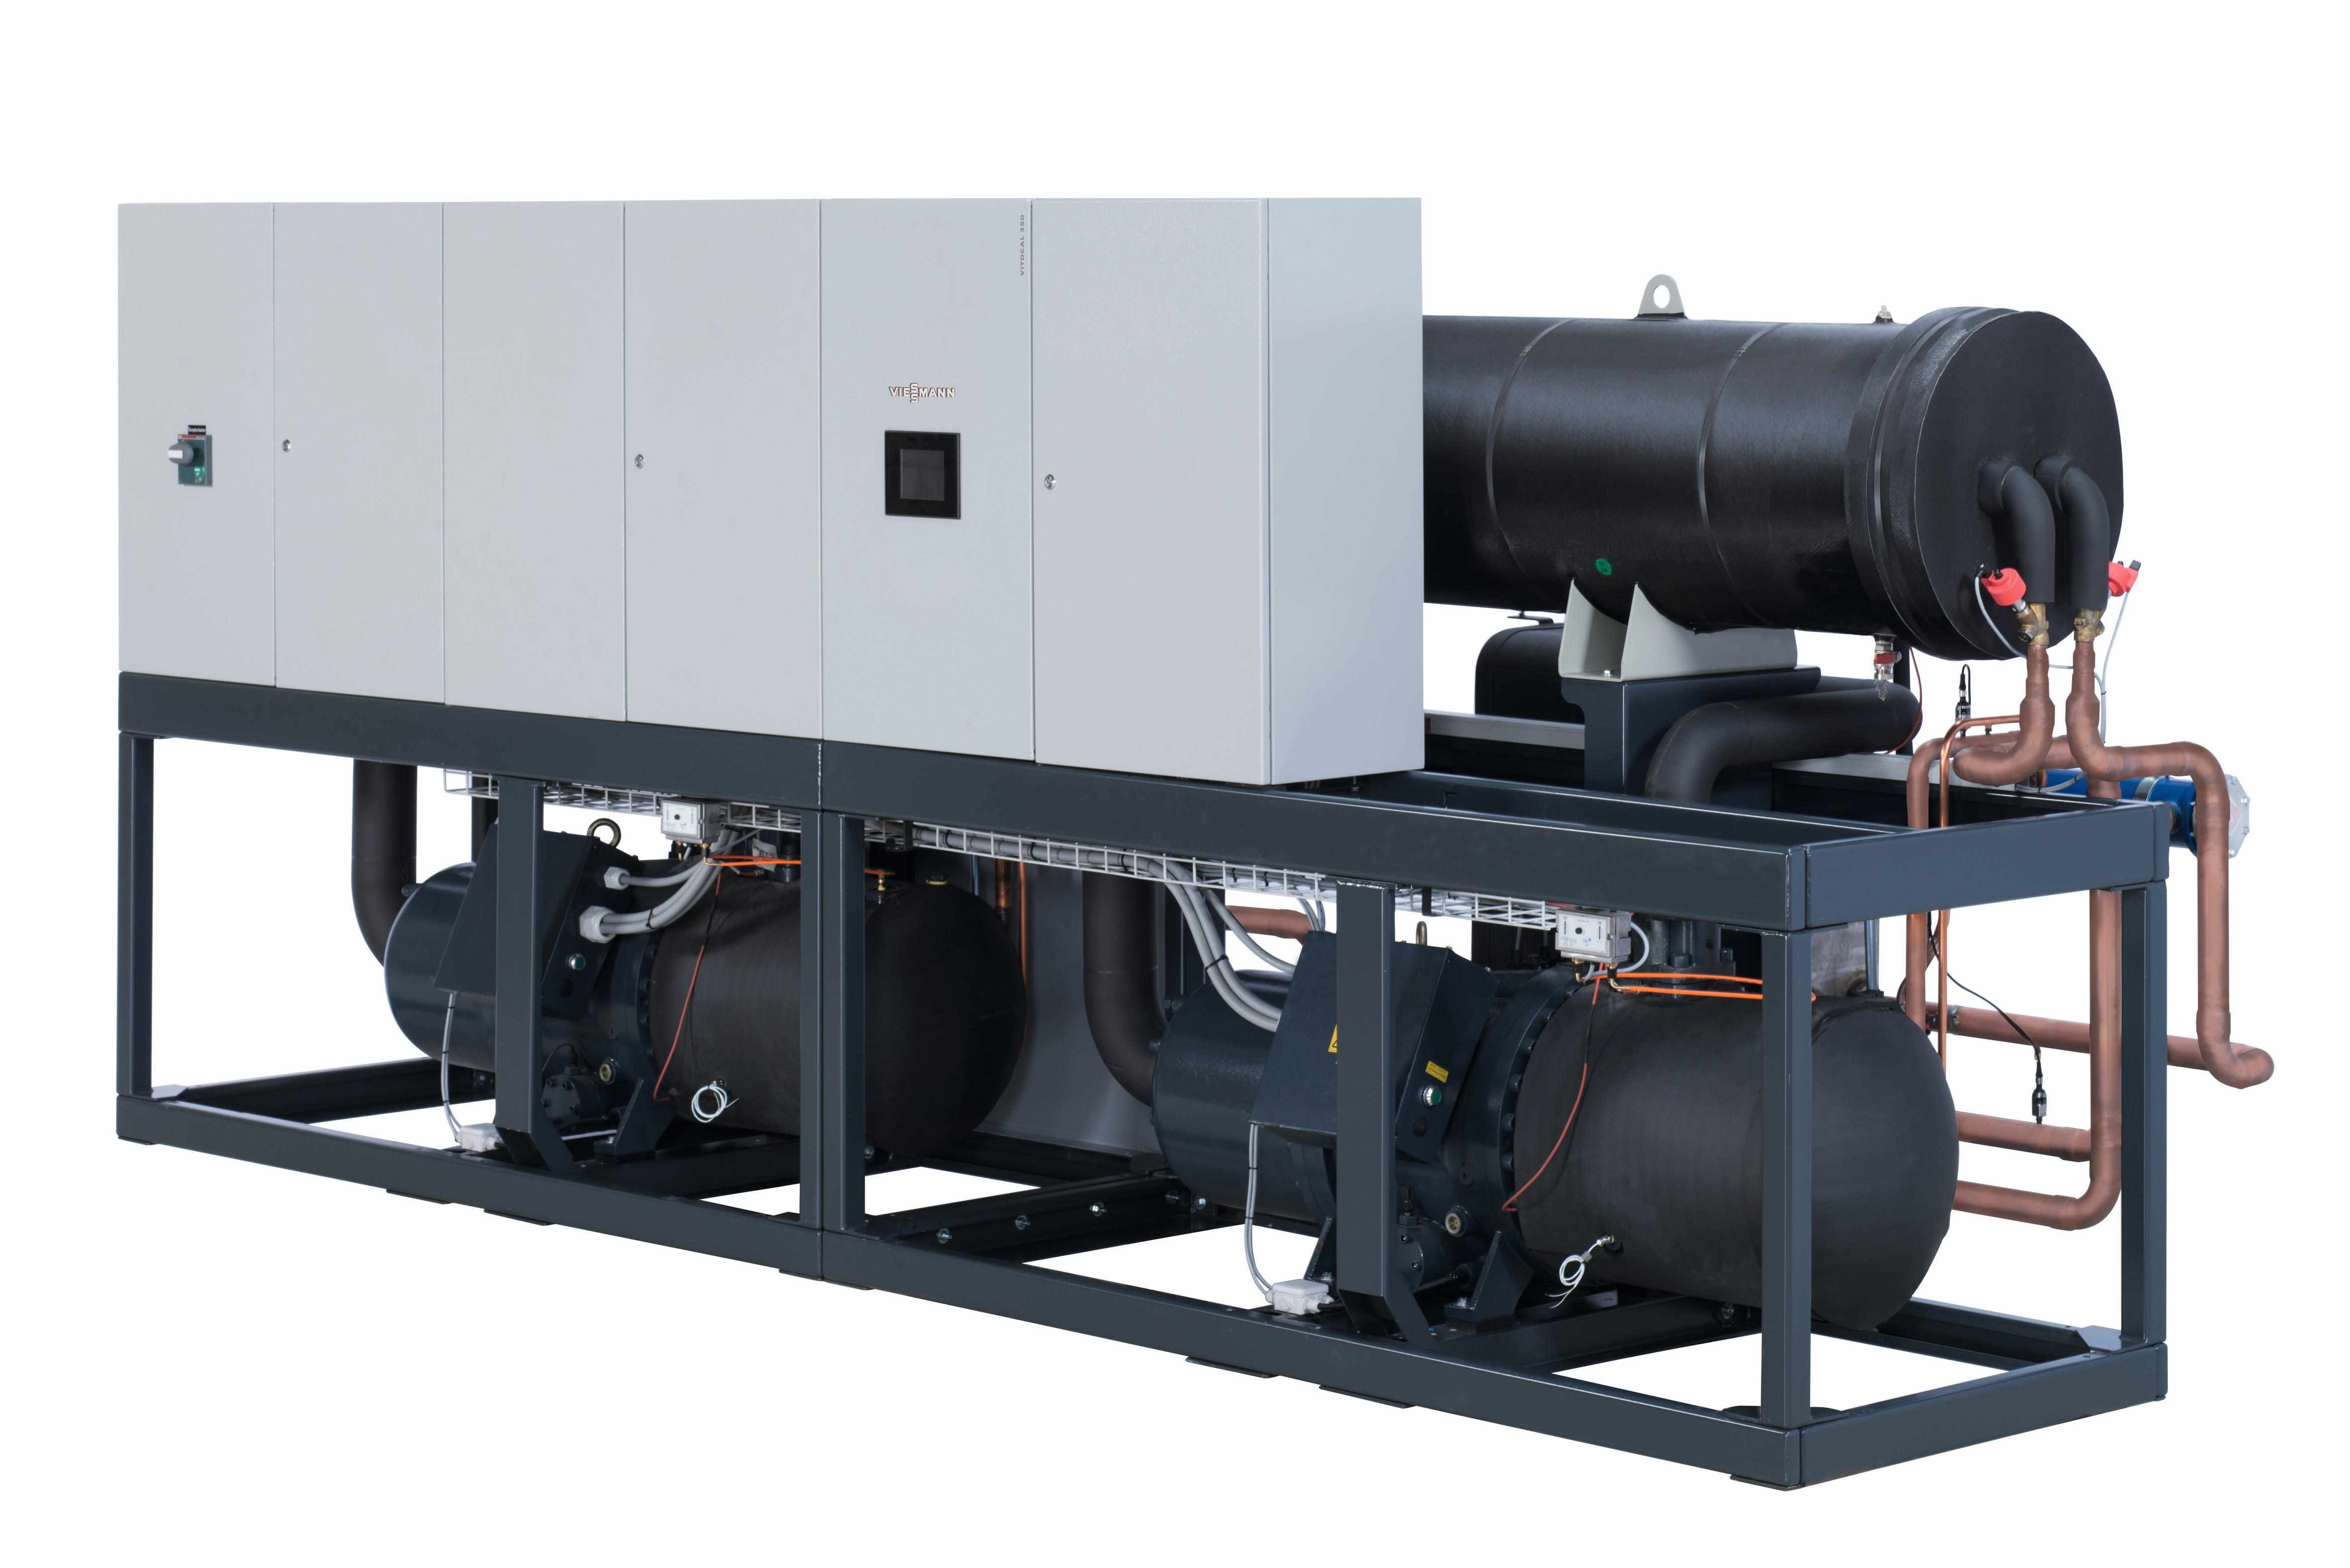 KUMS Konzept Wärme 4.0, Variante zur Nutzung neuer Energiequellen zusammen mit Kraftwärmekopplung. Zentraler Bestandteil: Große Luft-Wärmepumpe